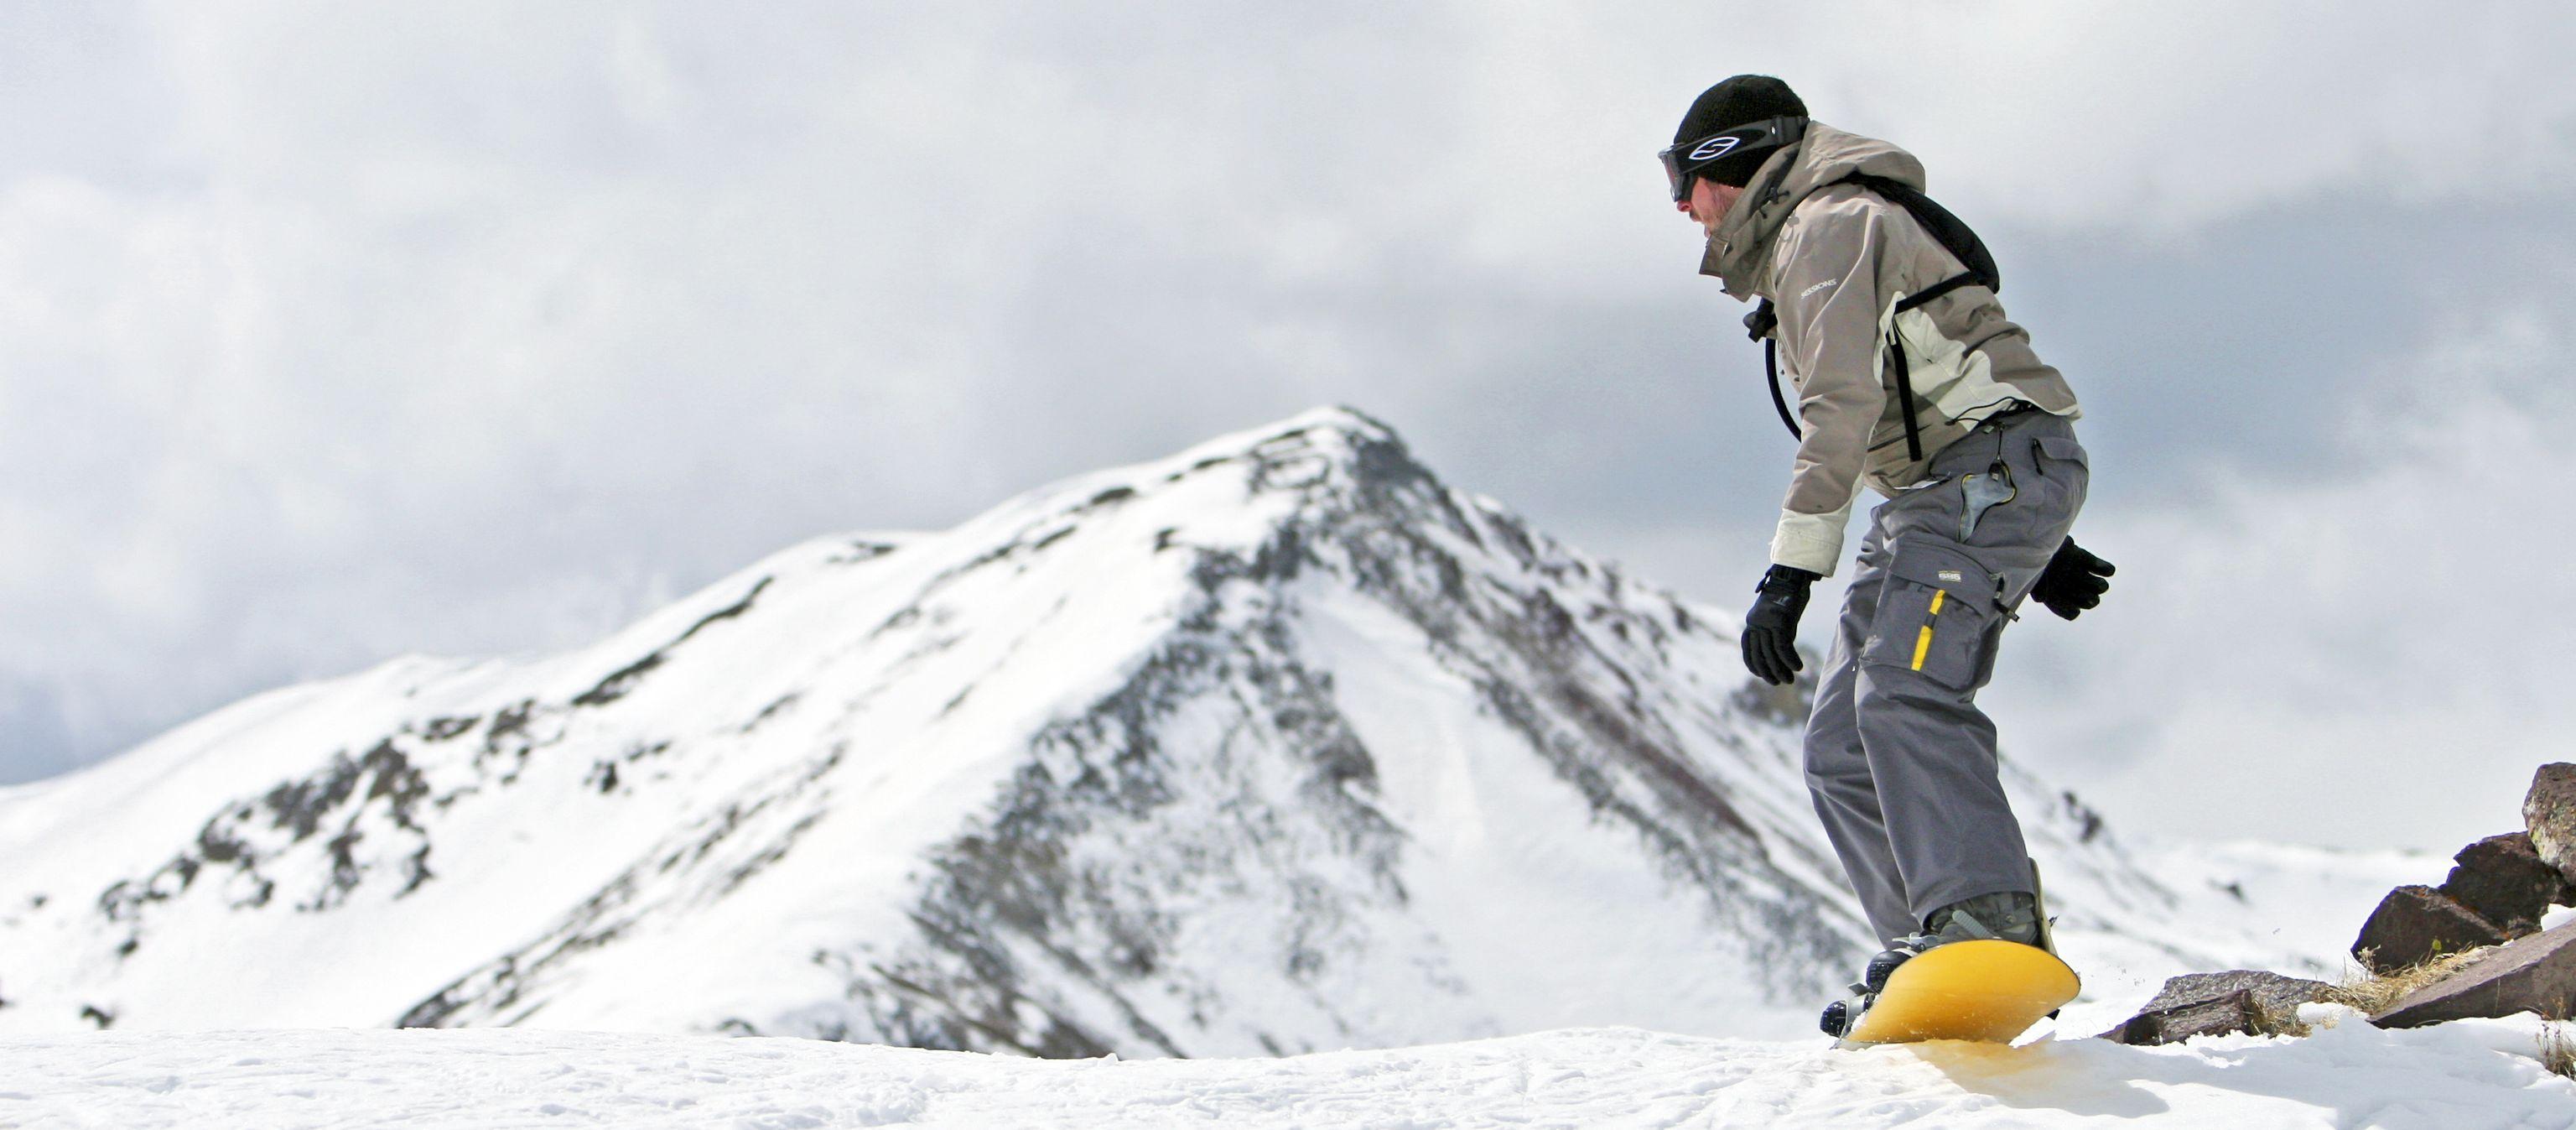 Snowboarder startklar kurz vor der Abfahrt